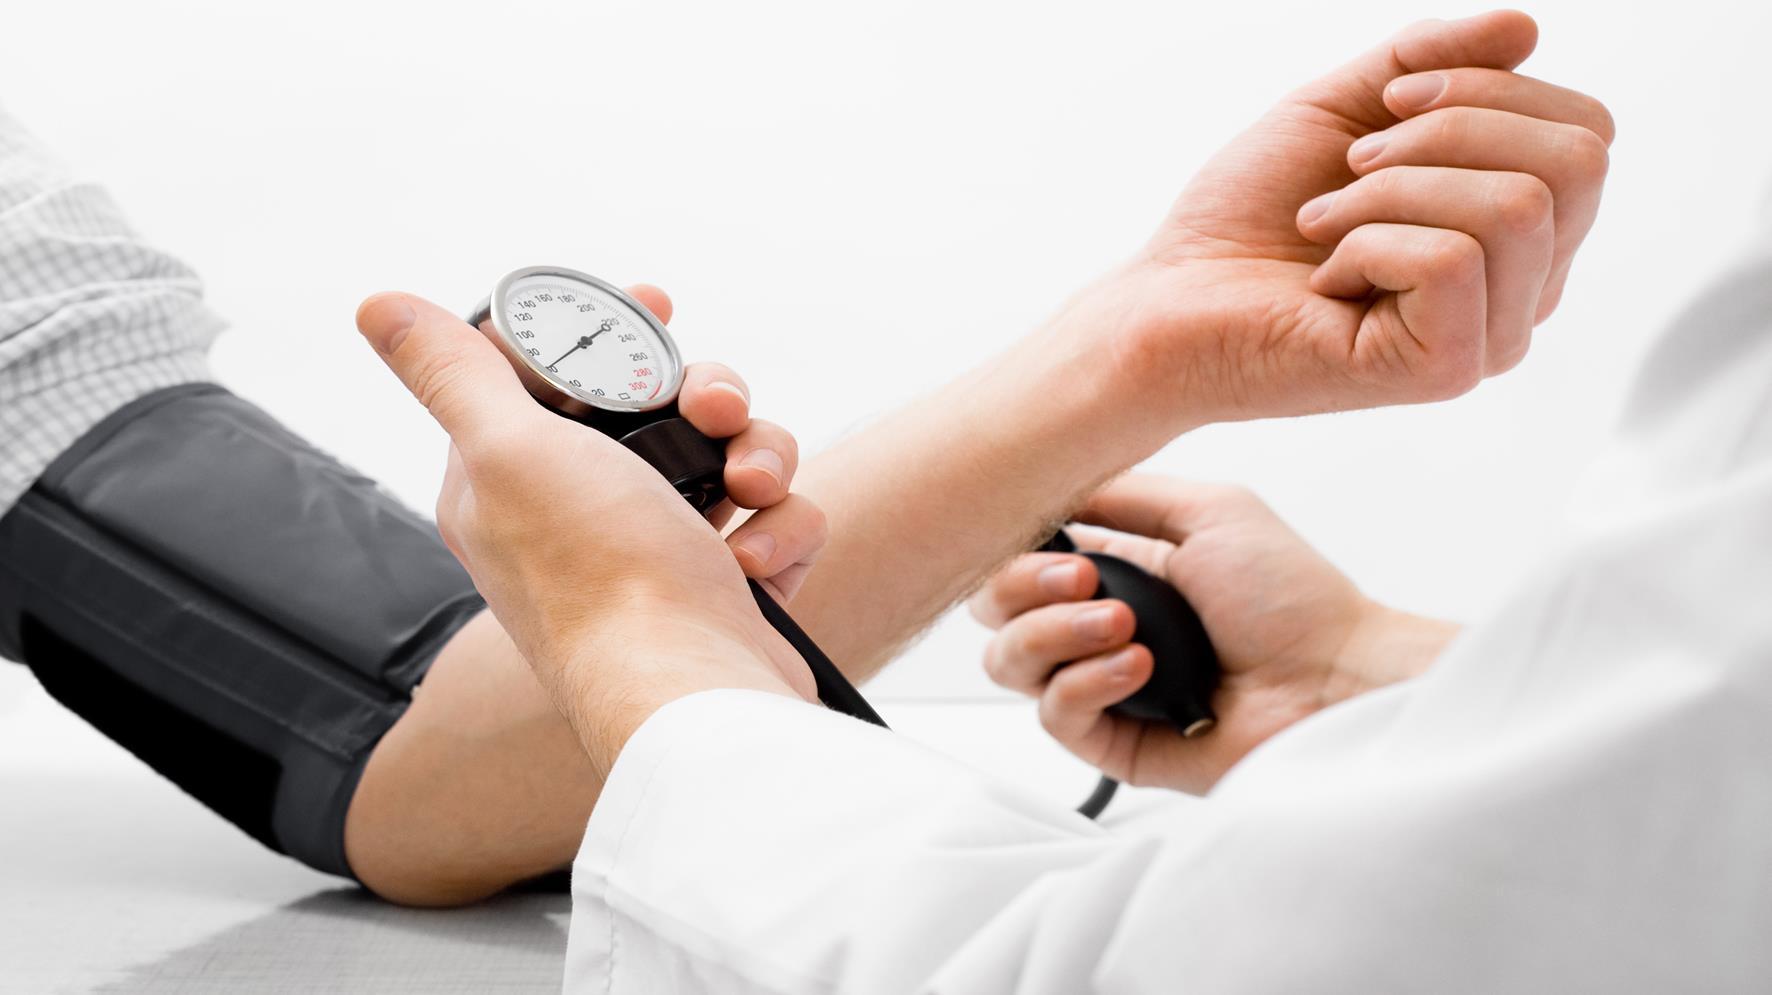 Πως σχετίζεται η υψηλή αρτηριακή πίεση με τη διαταραχή της βαλβίδας